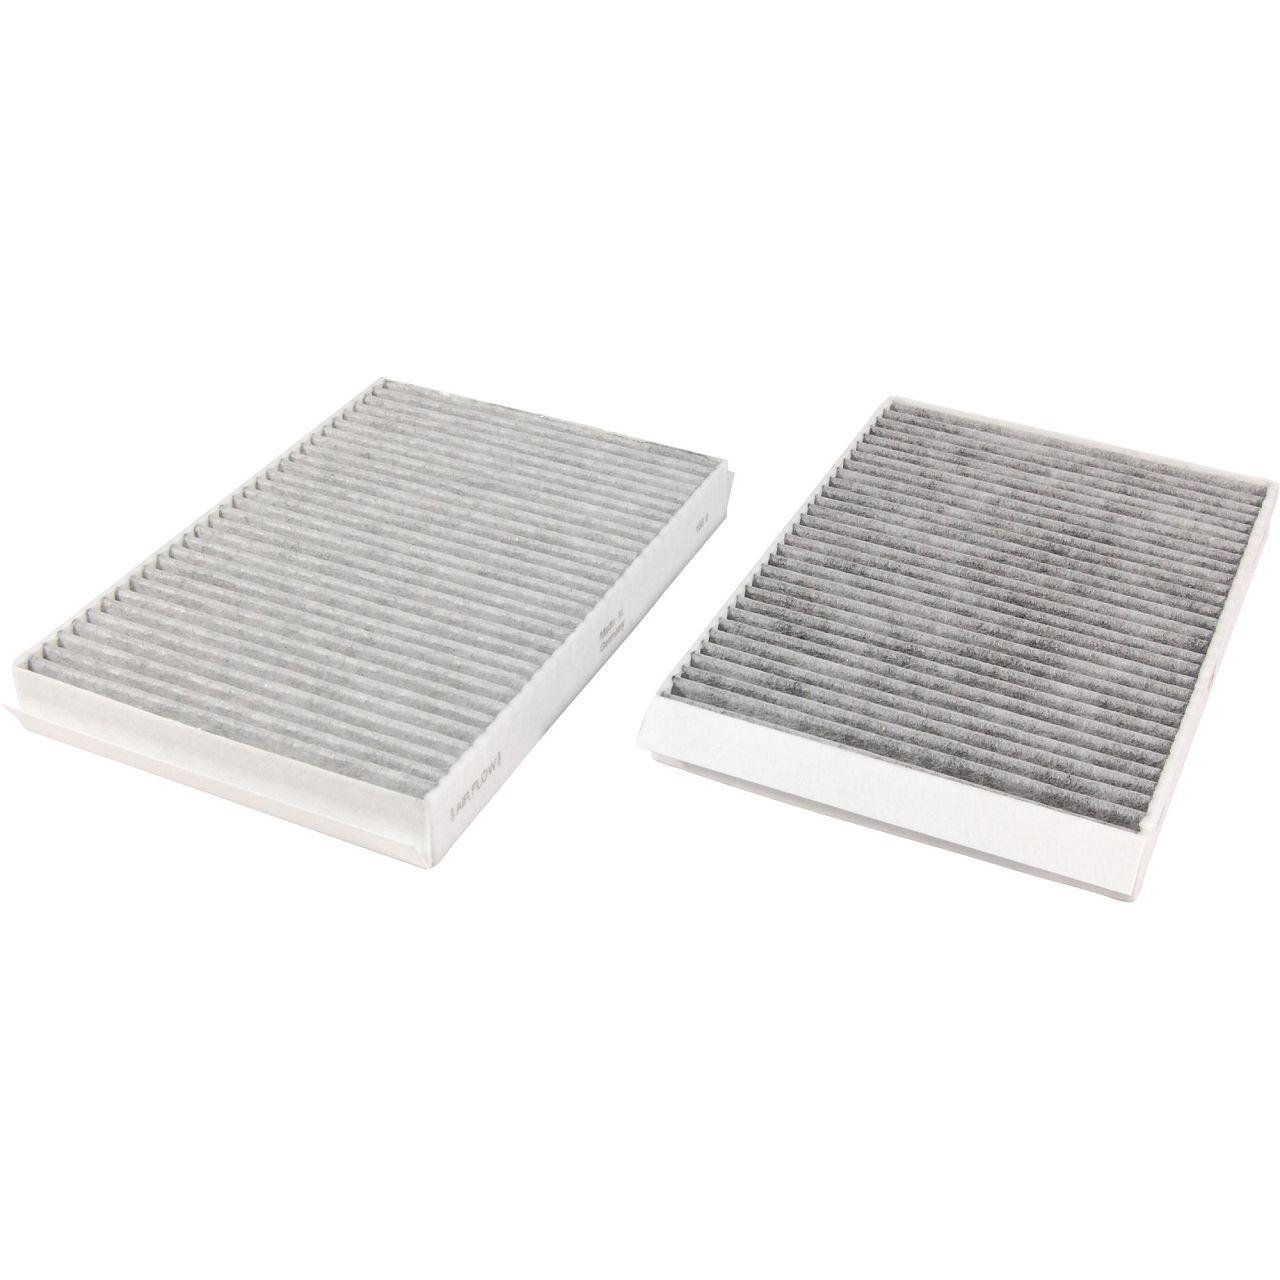 Filterpaket Filterset für Mercedes S-Klasse W221 S500CGI C216 CL500